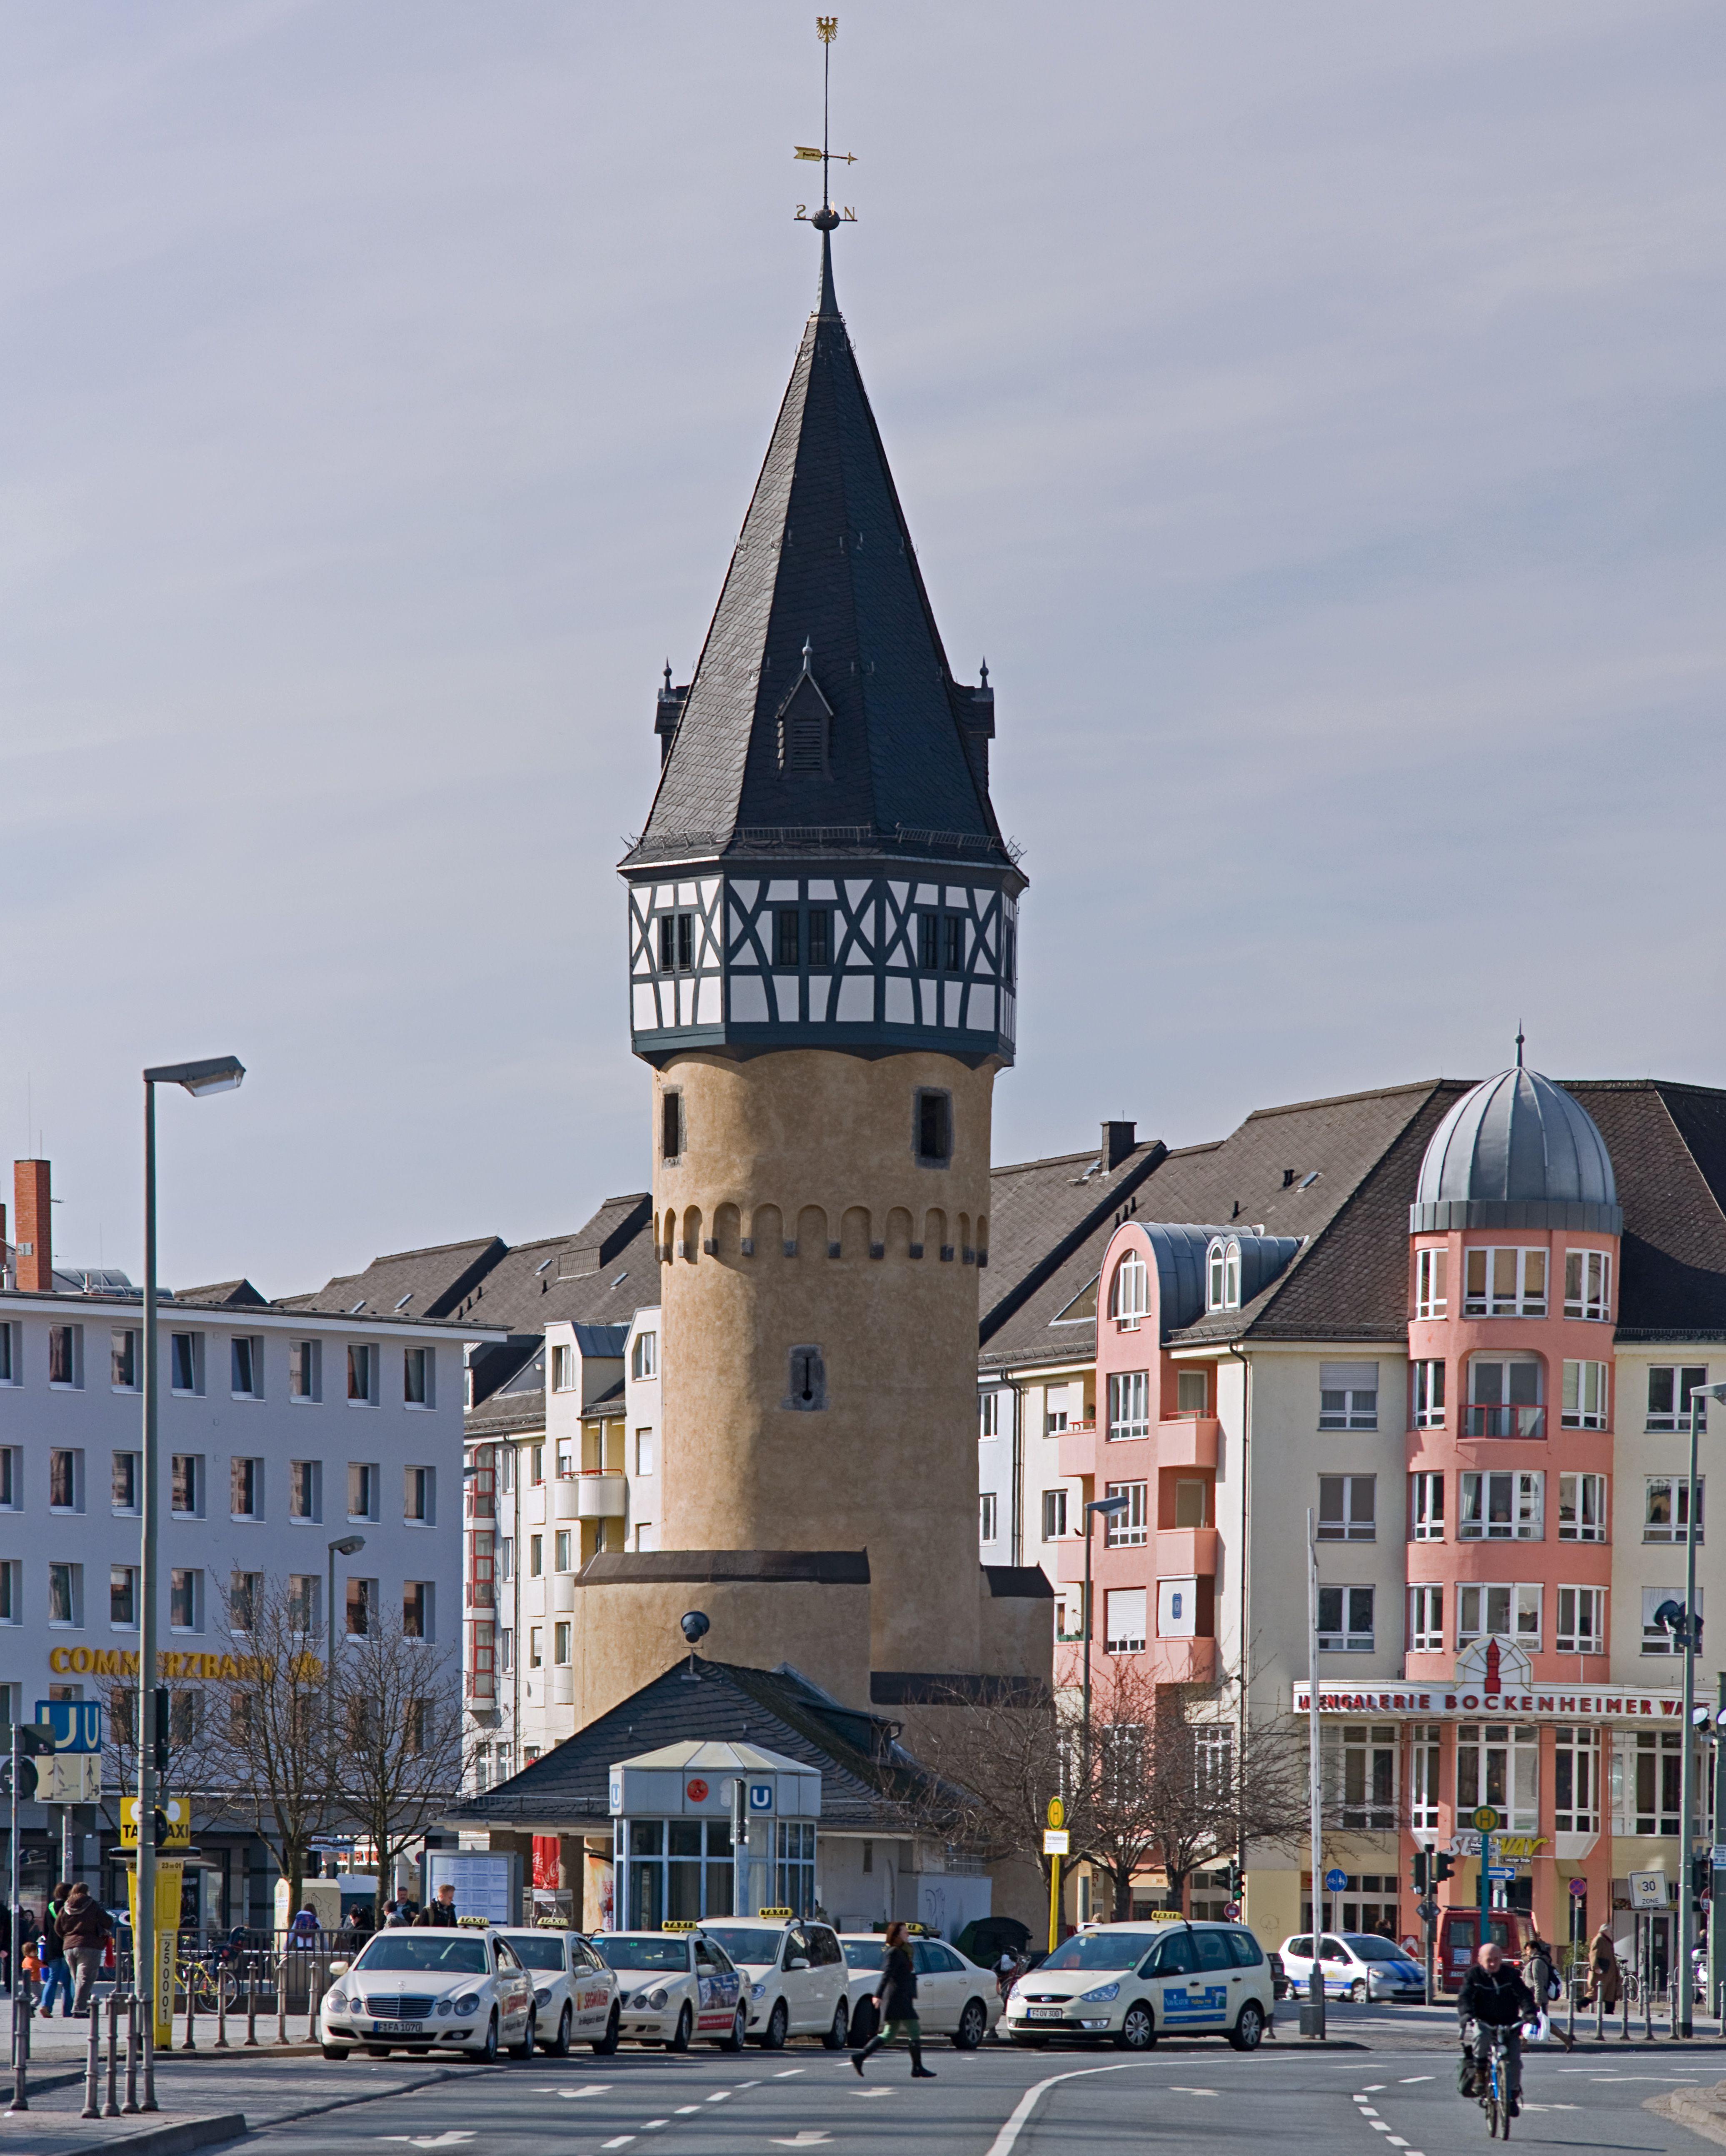 Bockenheimer Warte Der Frankfurter Stadbefestigung Vorgelagerter Aussichtsturm Mit Kleinem Weh Frankfurt Am Main Schone Deutsche Stadte Reiseziele Deutschland